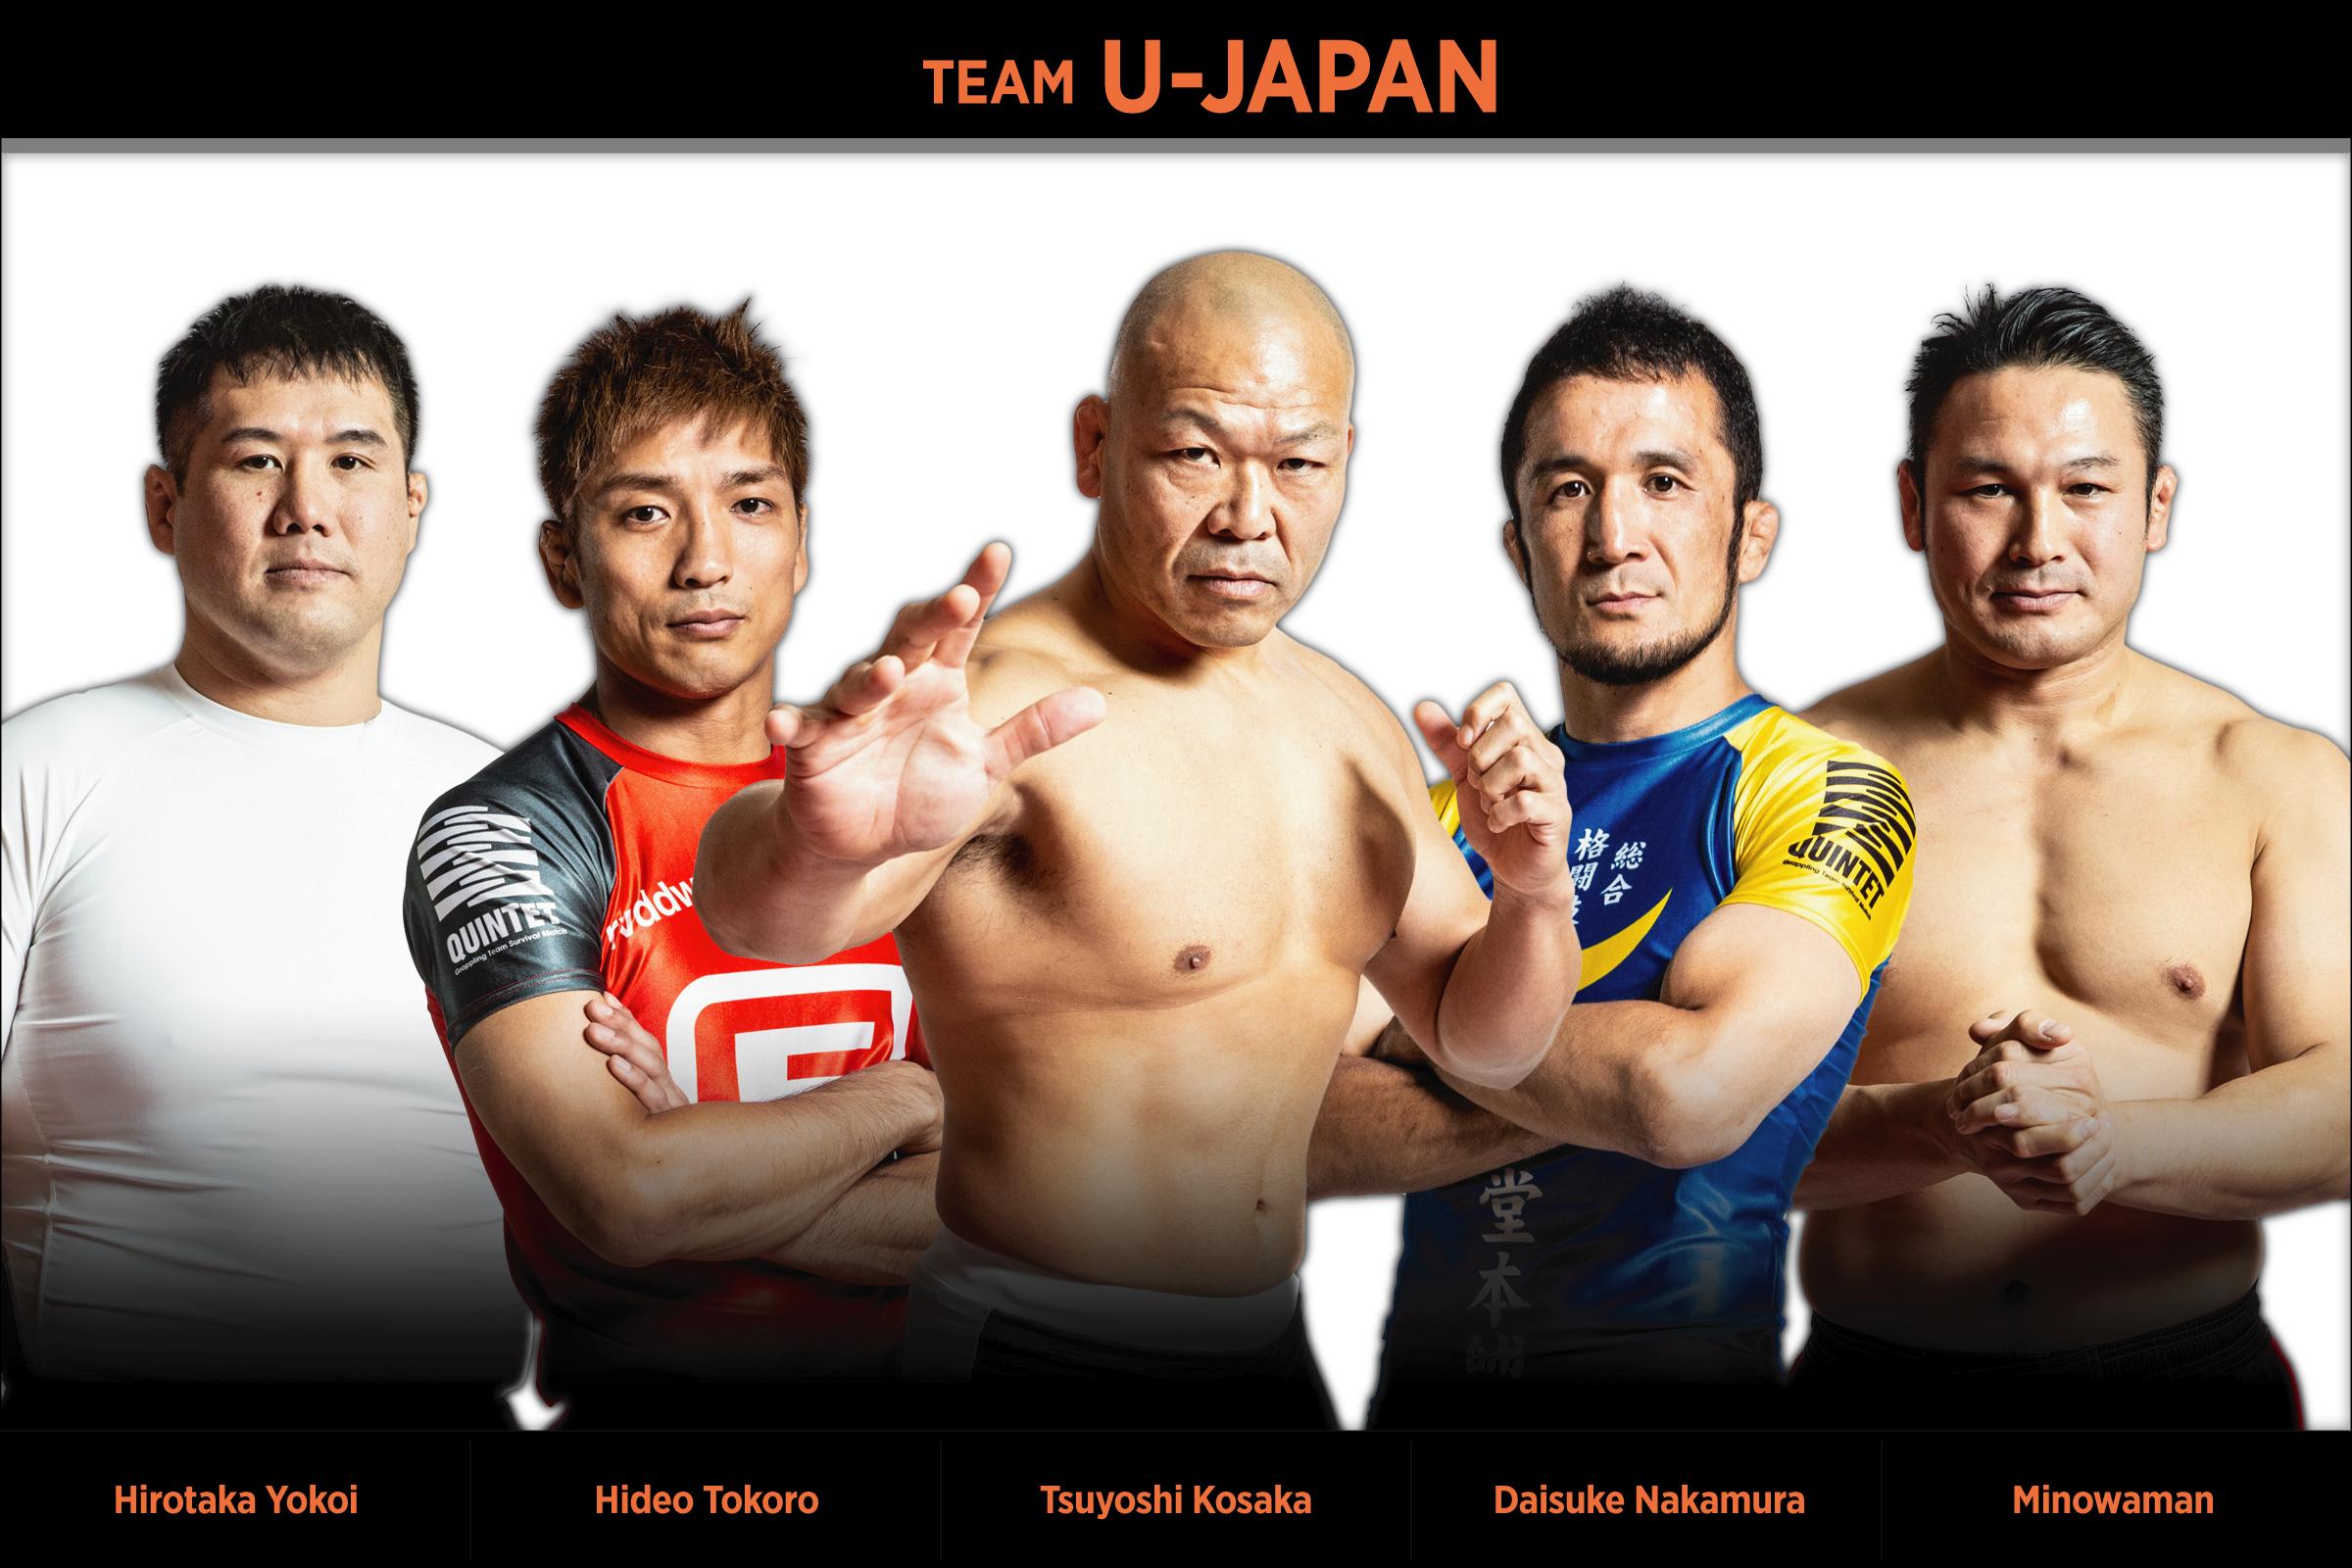 TEAM U-JAPAN